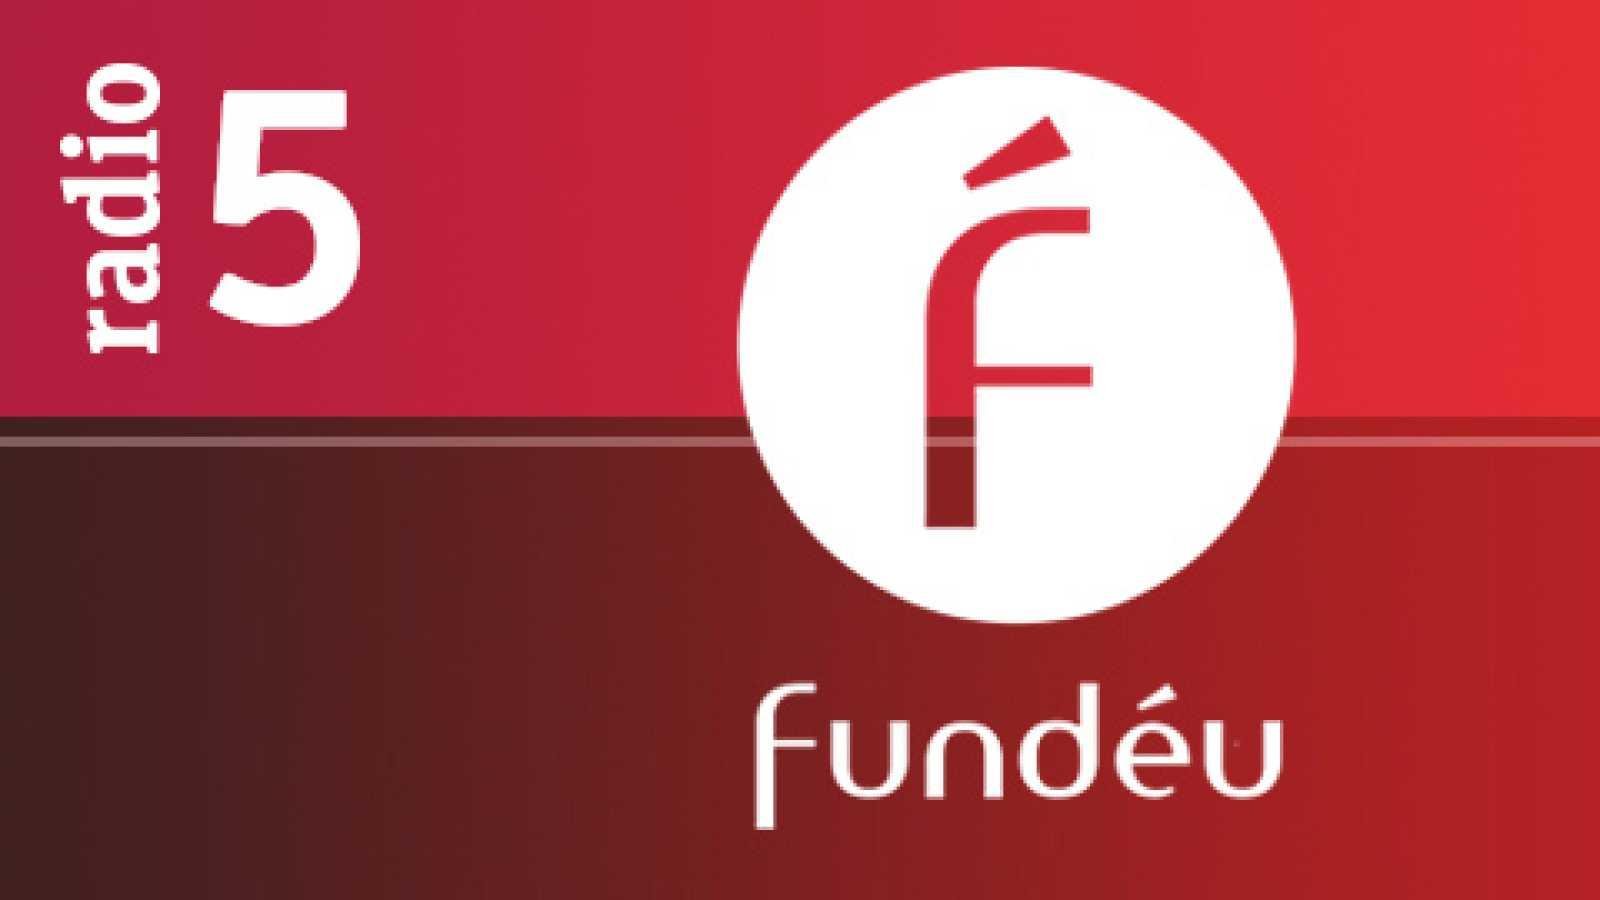 El español urgente con Fundéu - 'Supermartes' - 02/03/20 - escuchar ahora